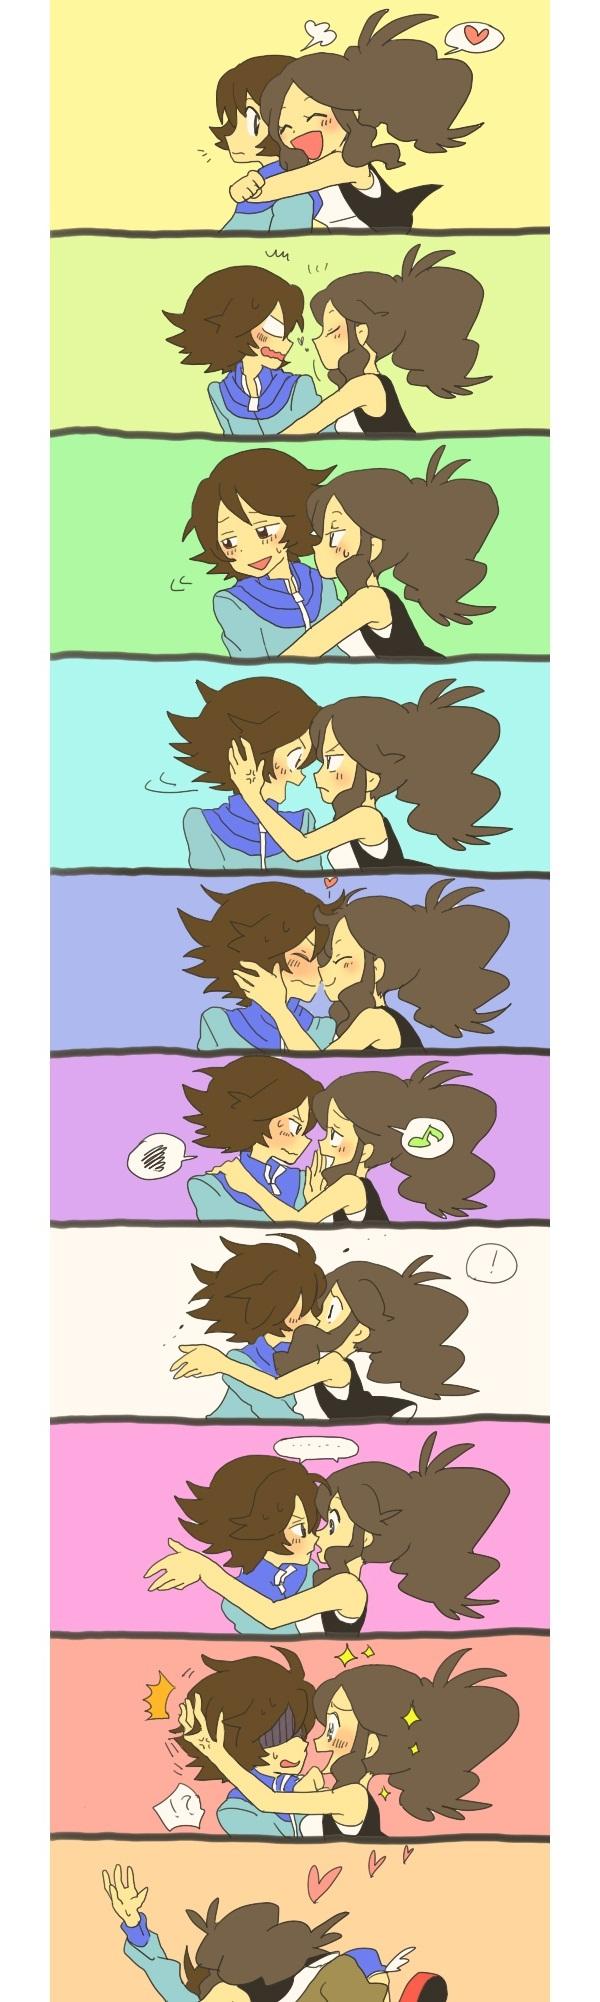 Tags anime pok 233 mon touya pok 233 mon touko pok 233 mon kiss on the